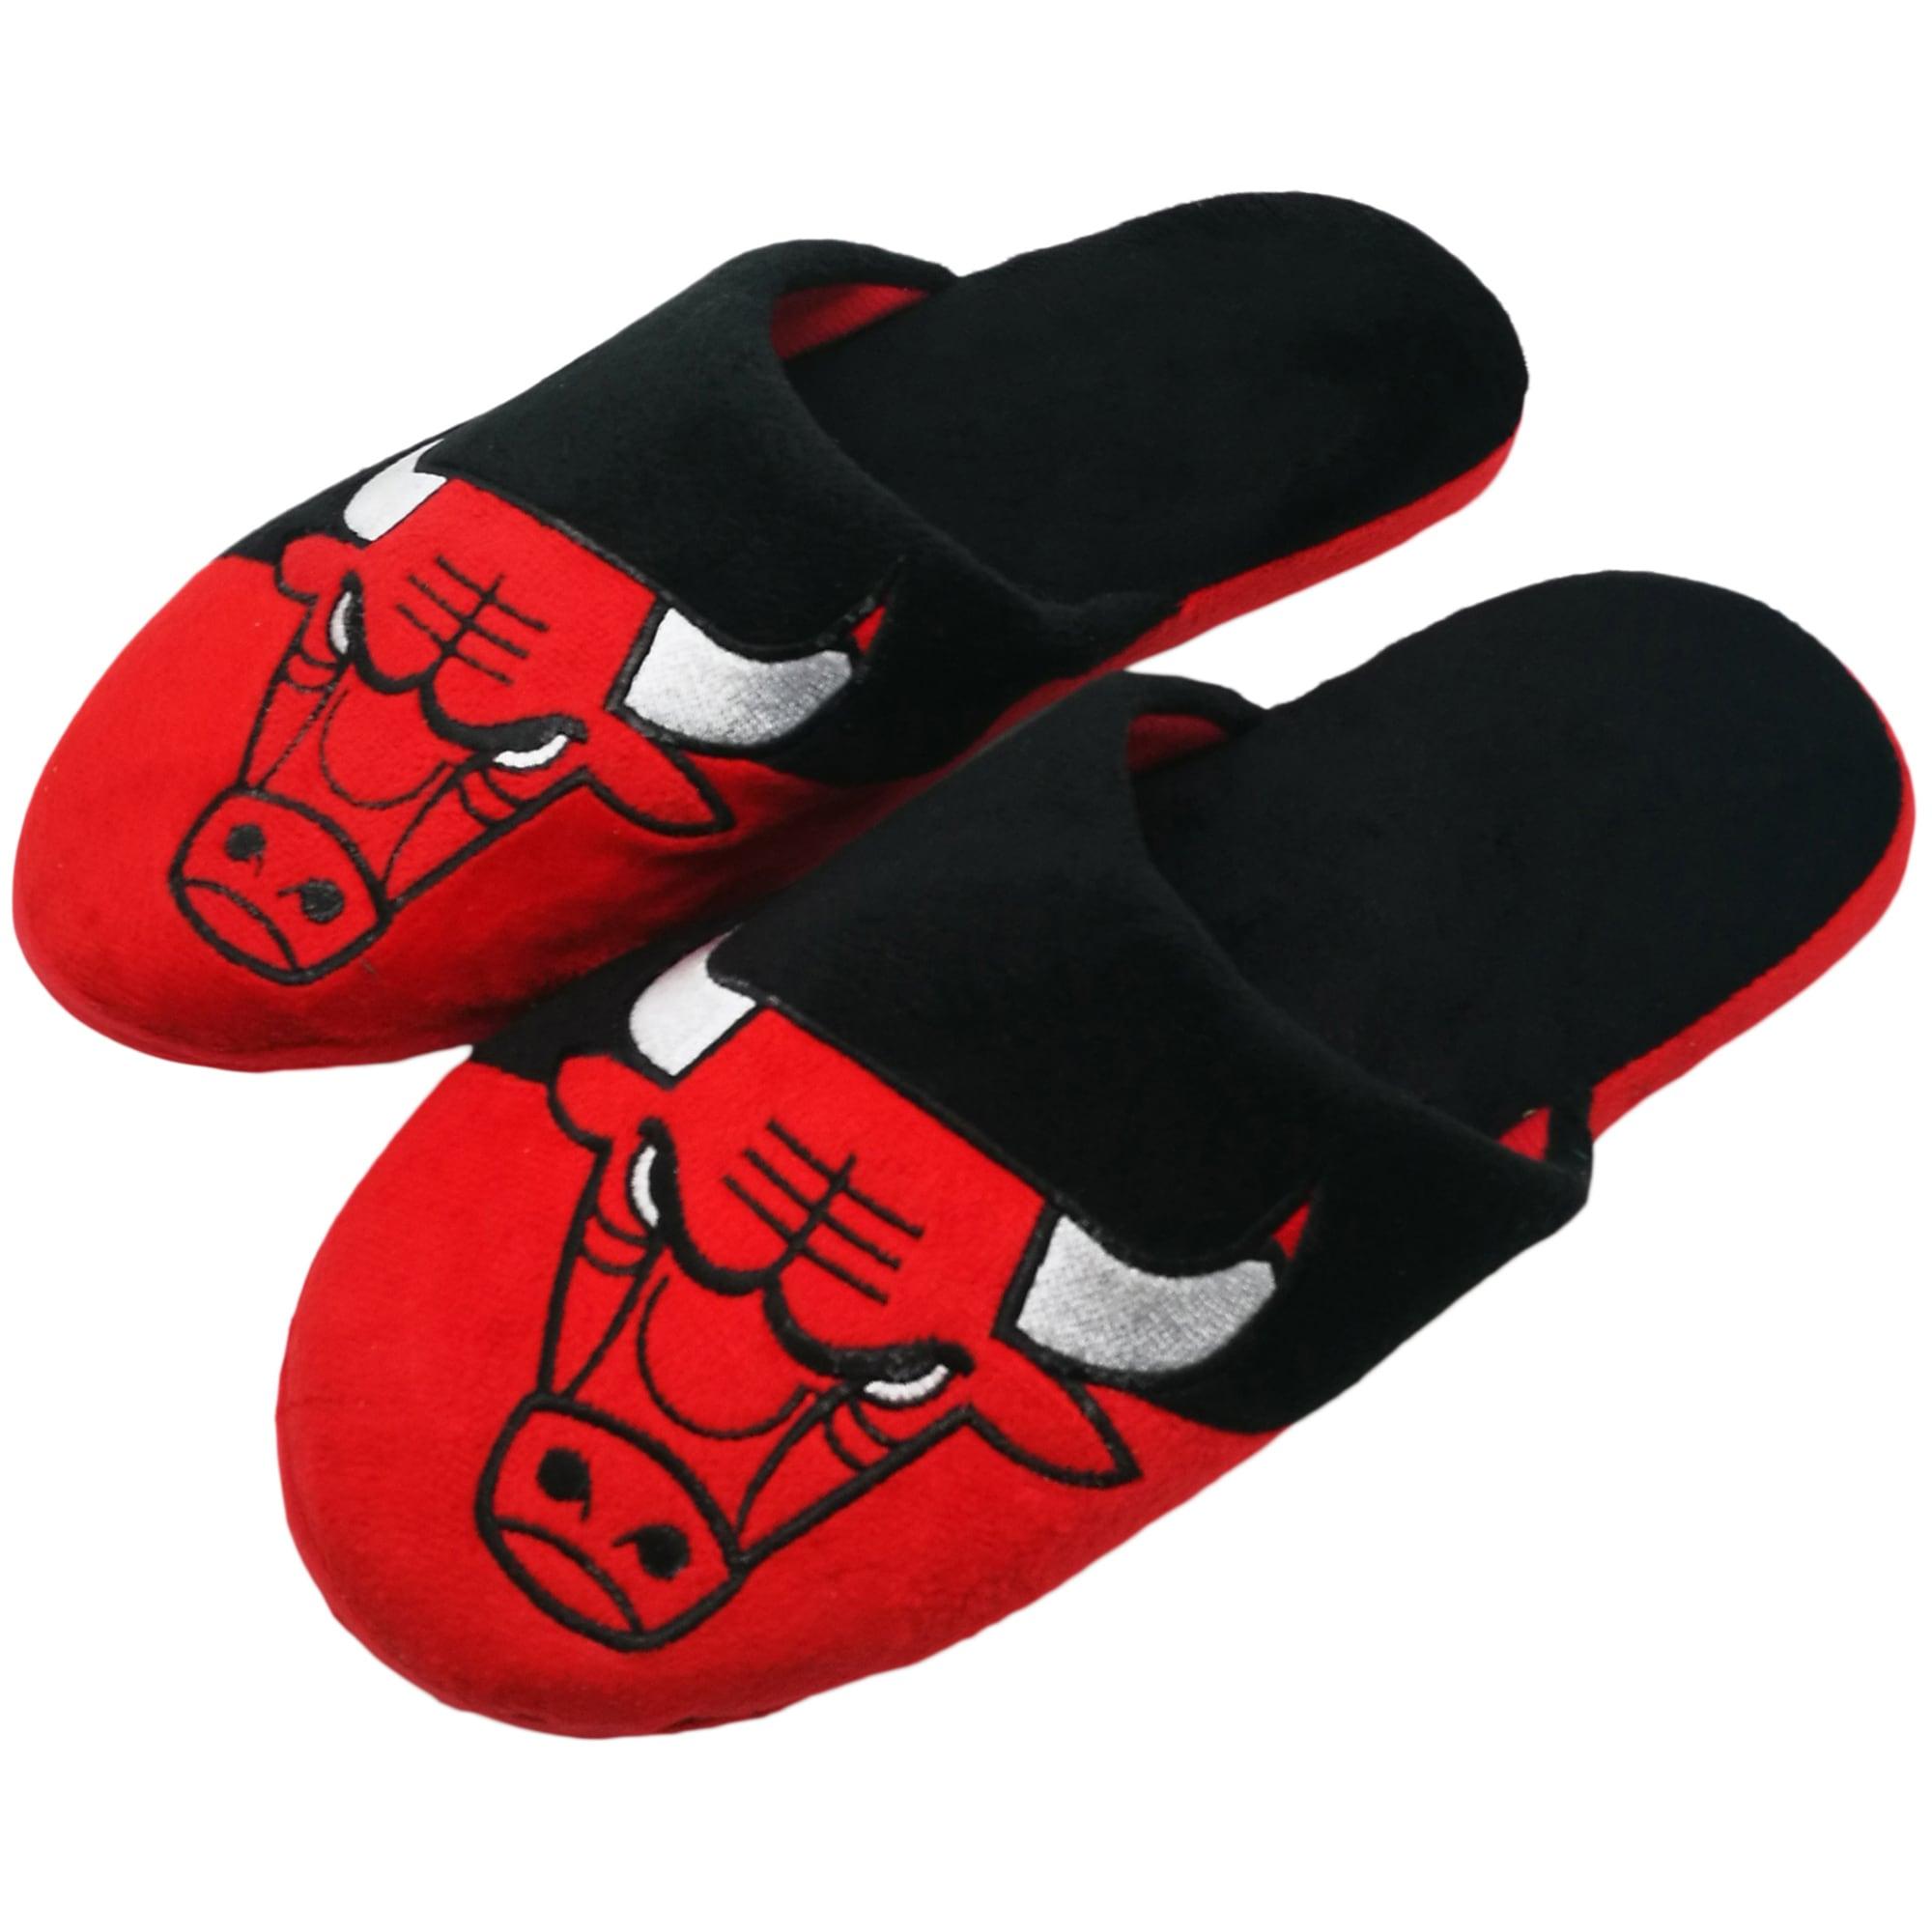 Chicago Bulls Colorblock Slide Slippers